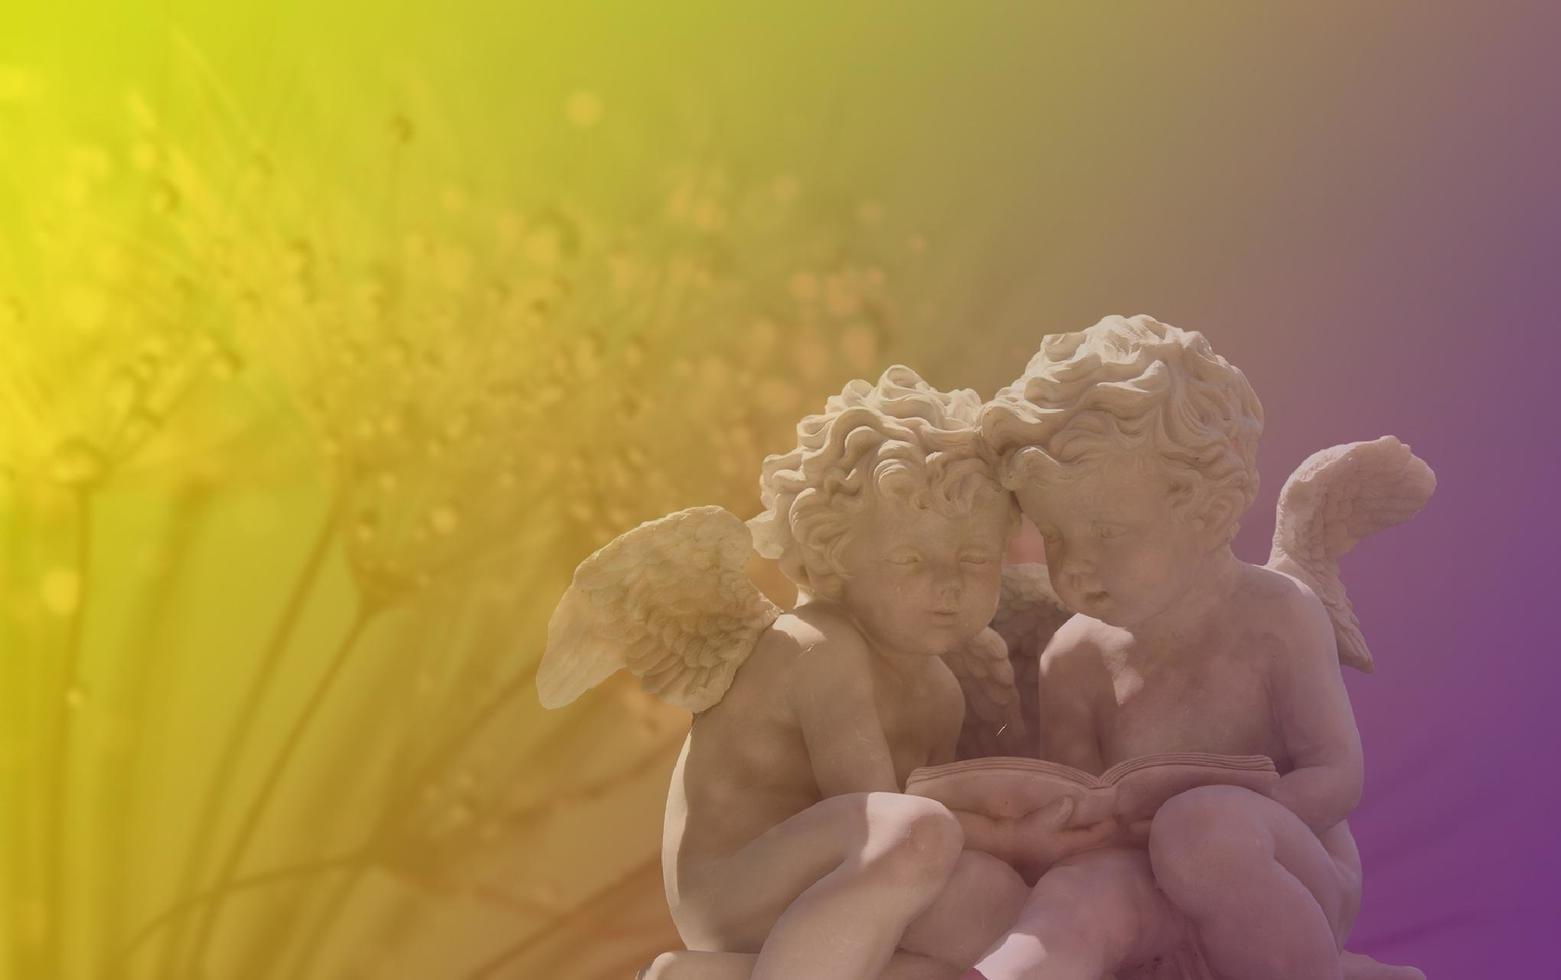 statue d'ange dans une lumière colorée photo